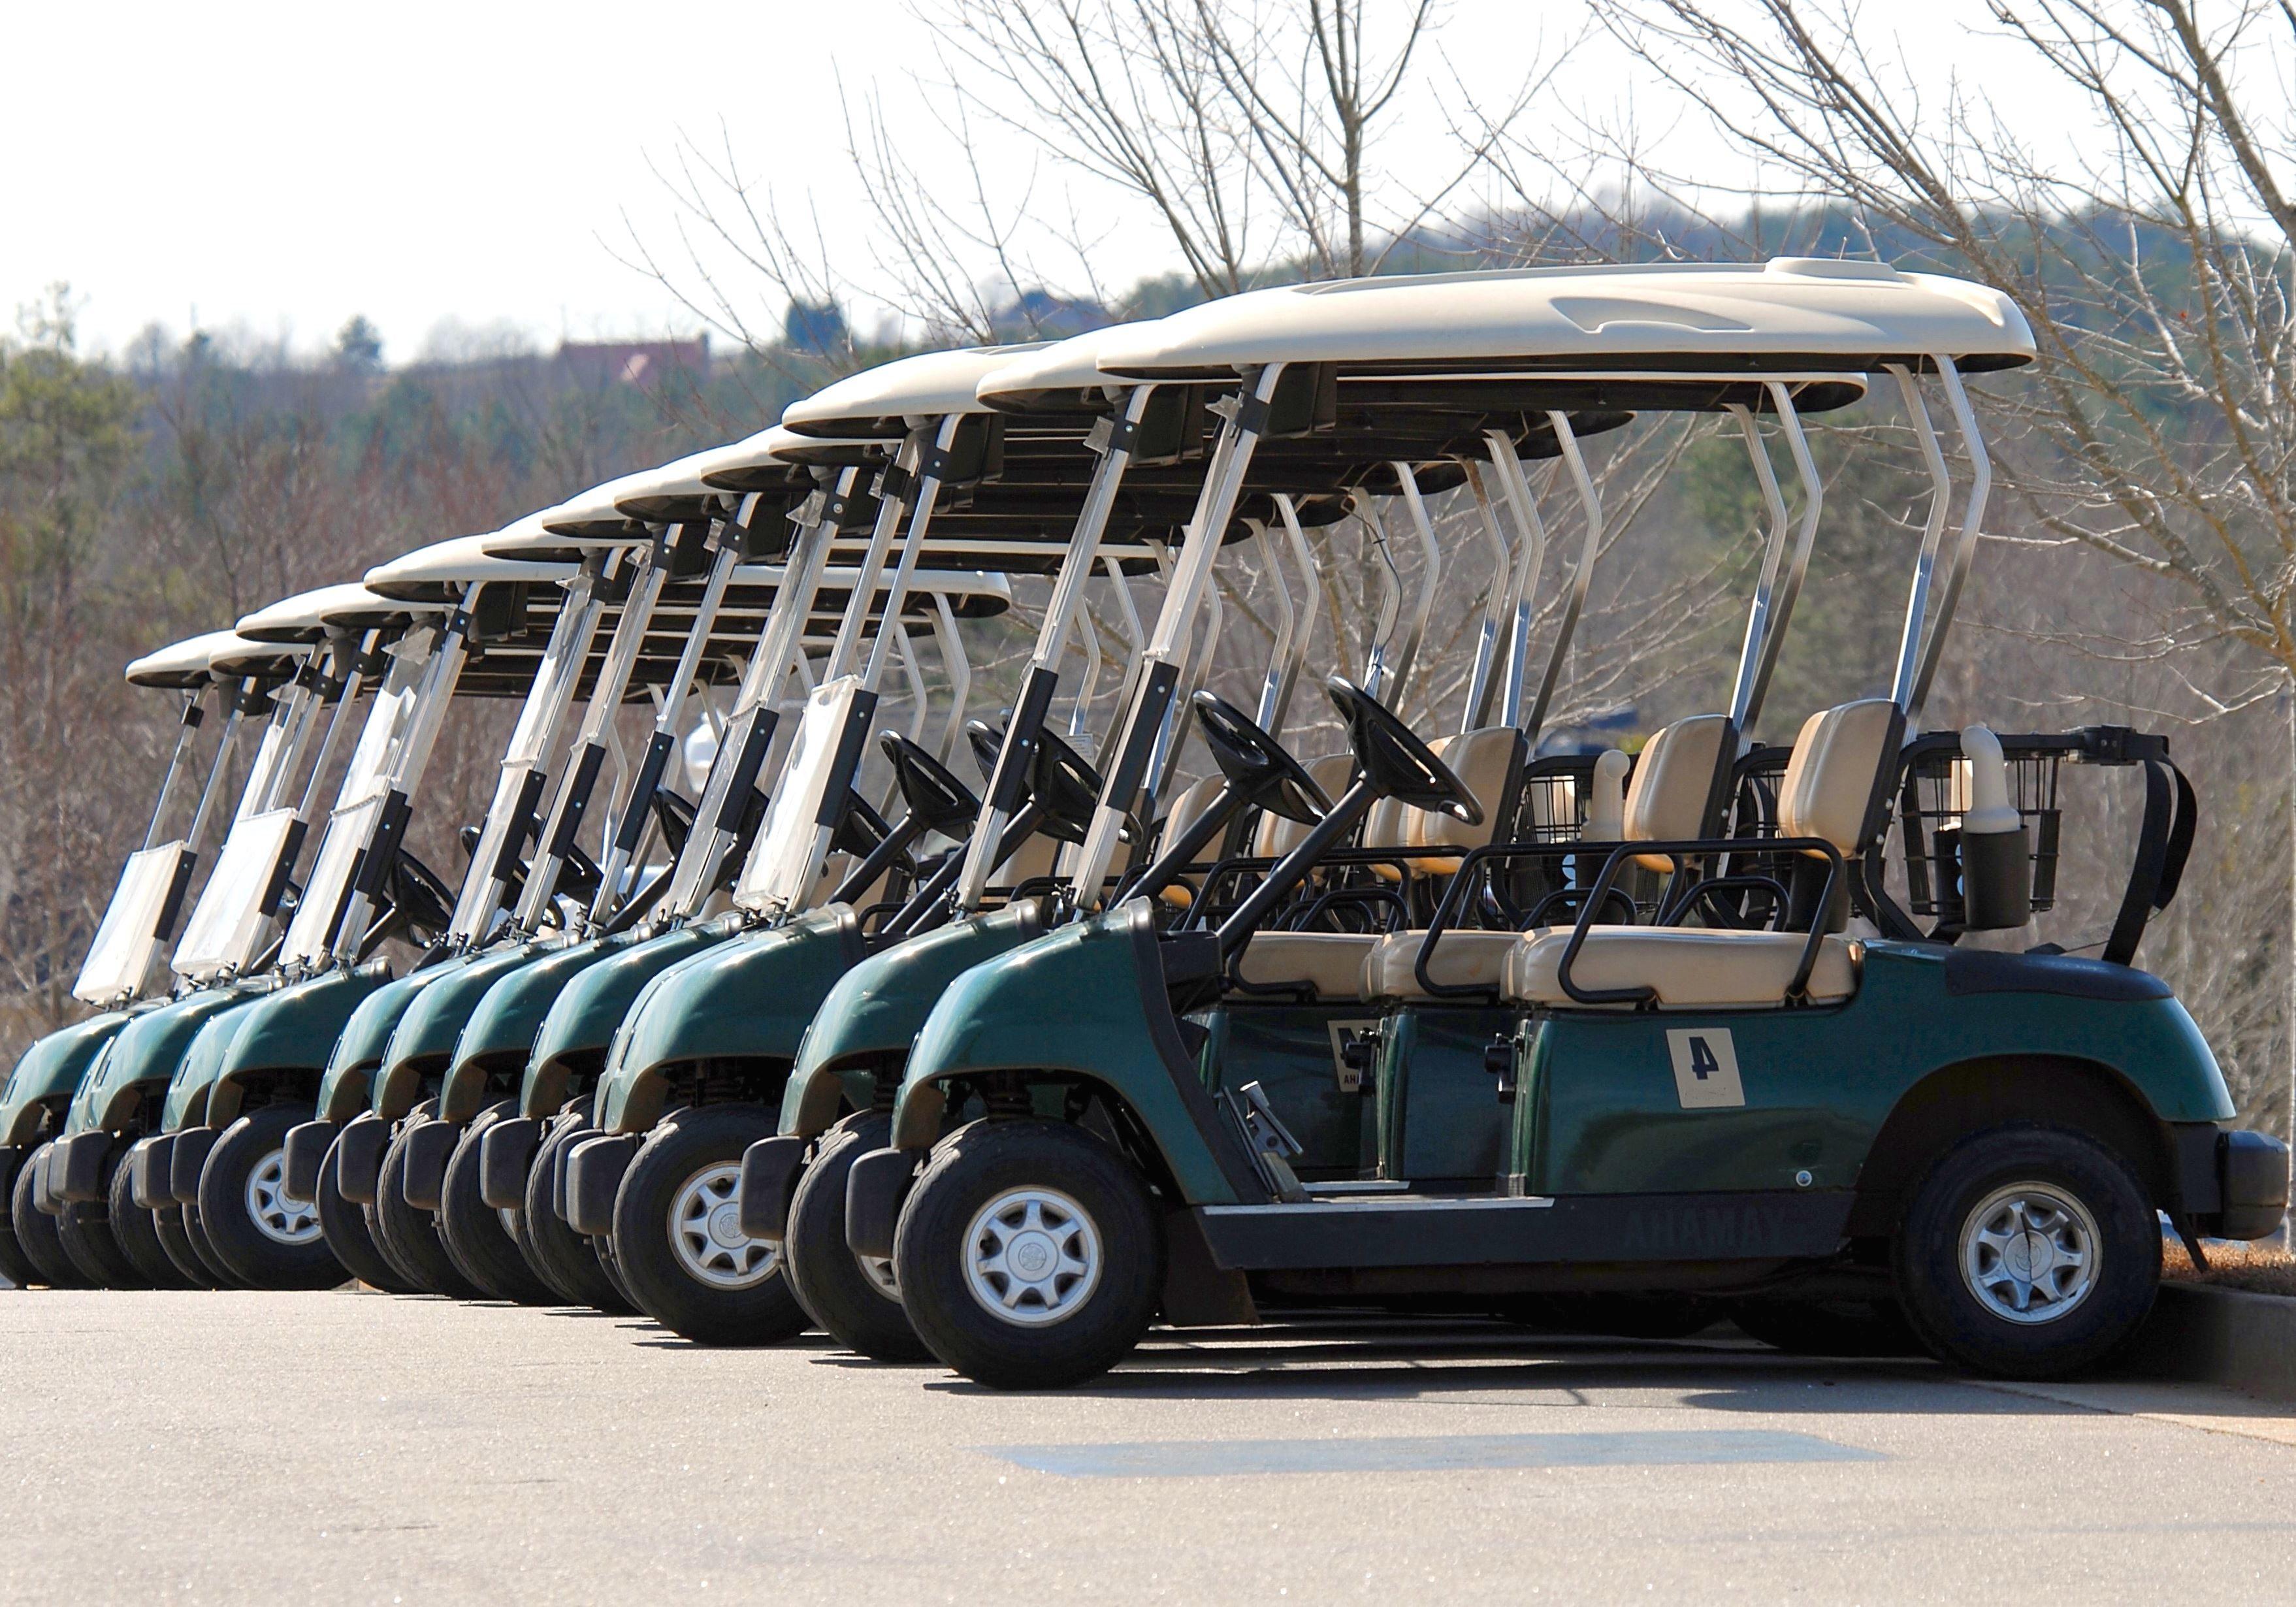 kostenlose bild auto verein motor bewegung flagge spiel golf park parkplatz. Black Bedroom Furniture Sets. Home Design Ideas